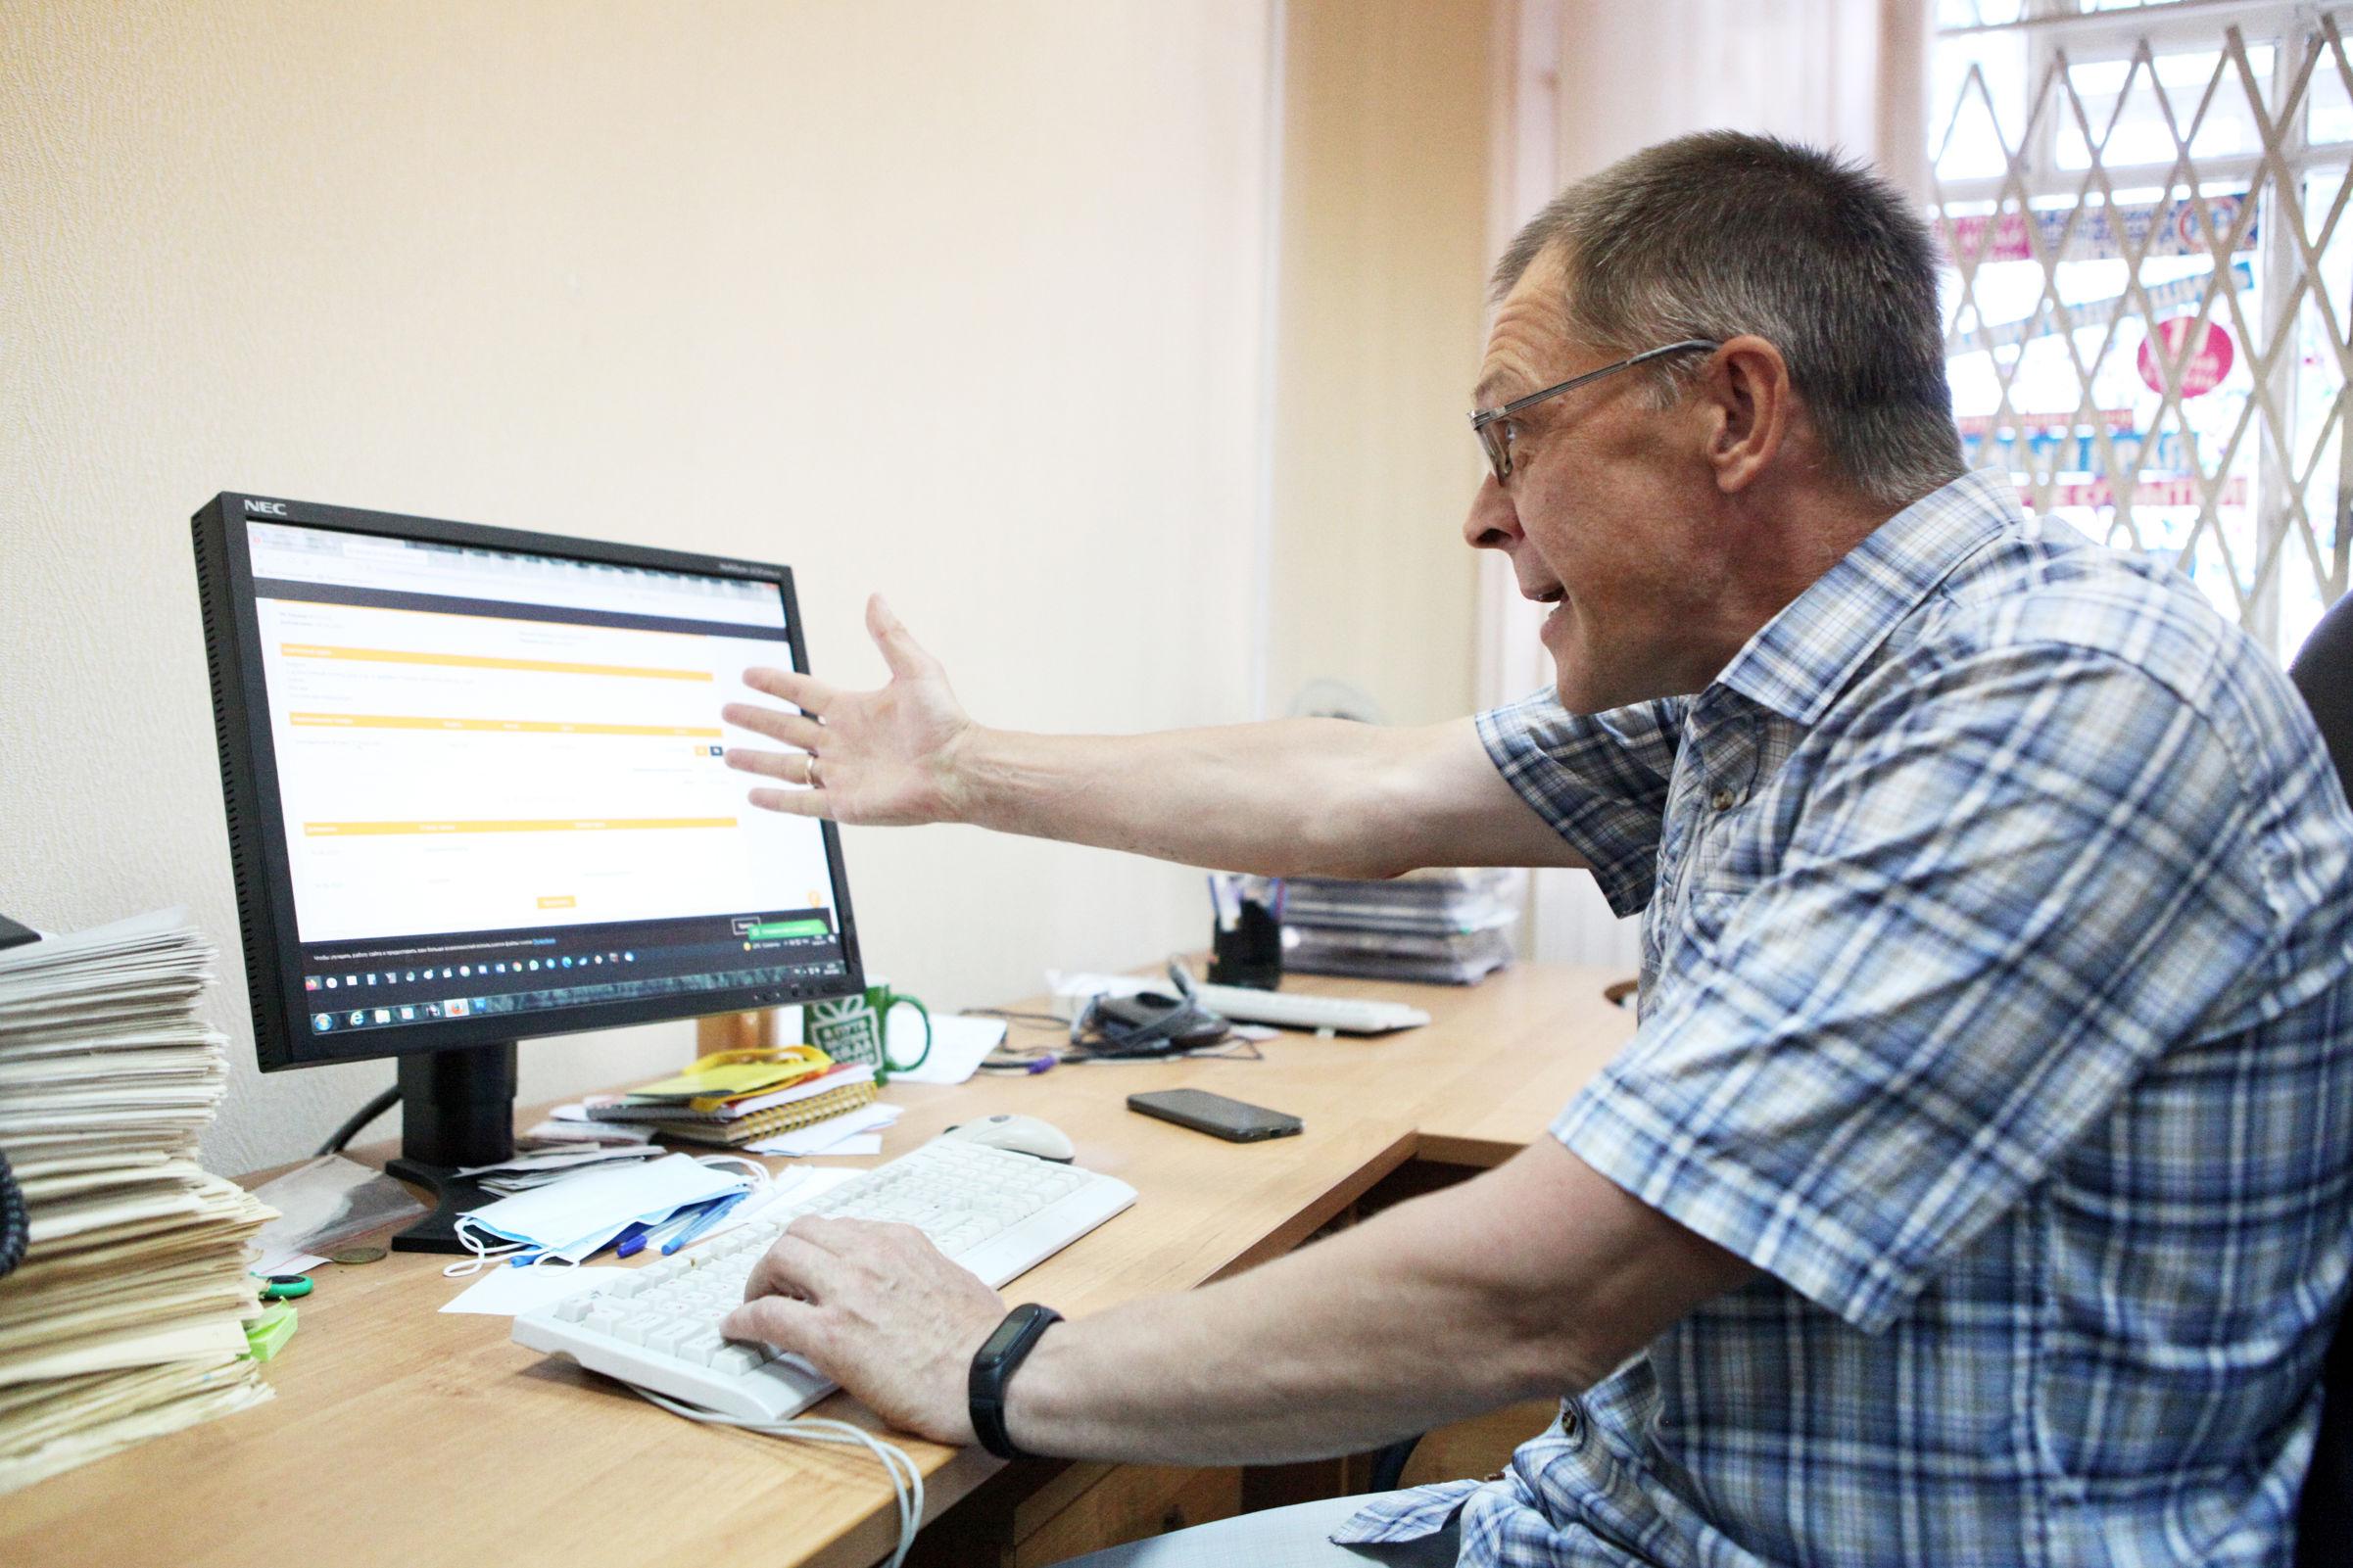 Проверено на себе. Корреспондент «Северного края» рассказал, как лишился денег в фиктивном интернет-магазине